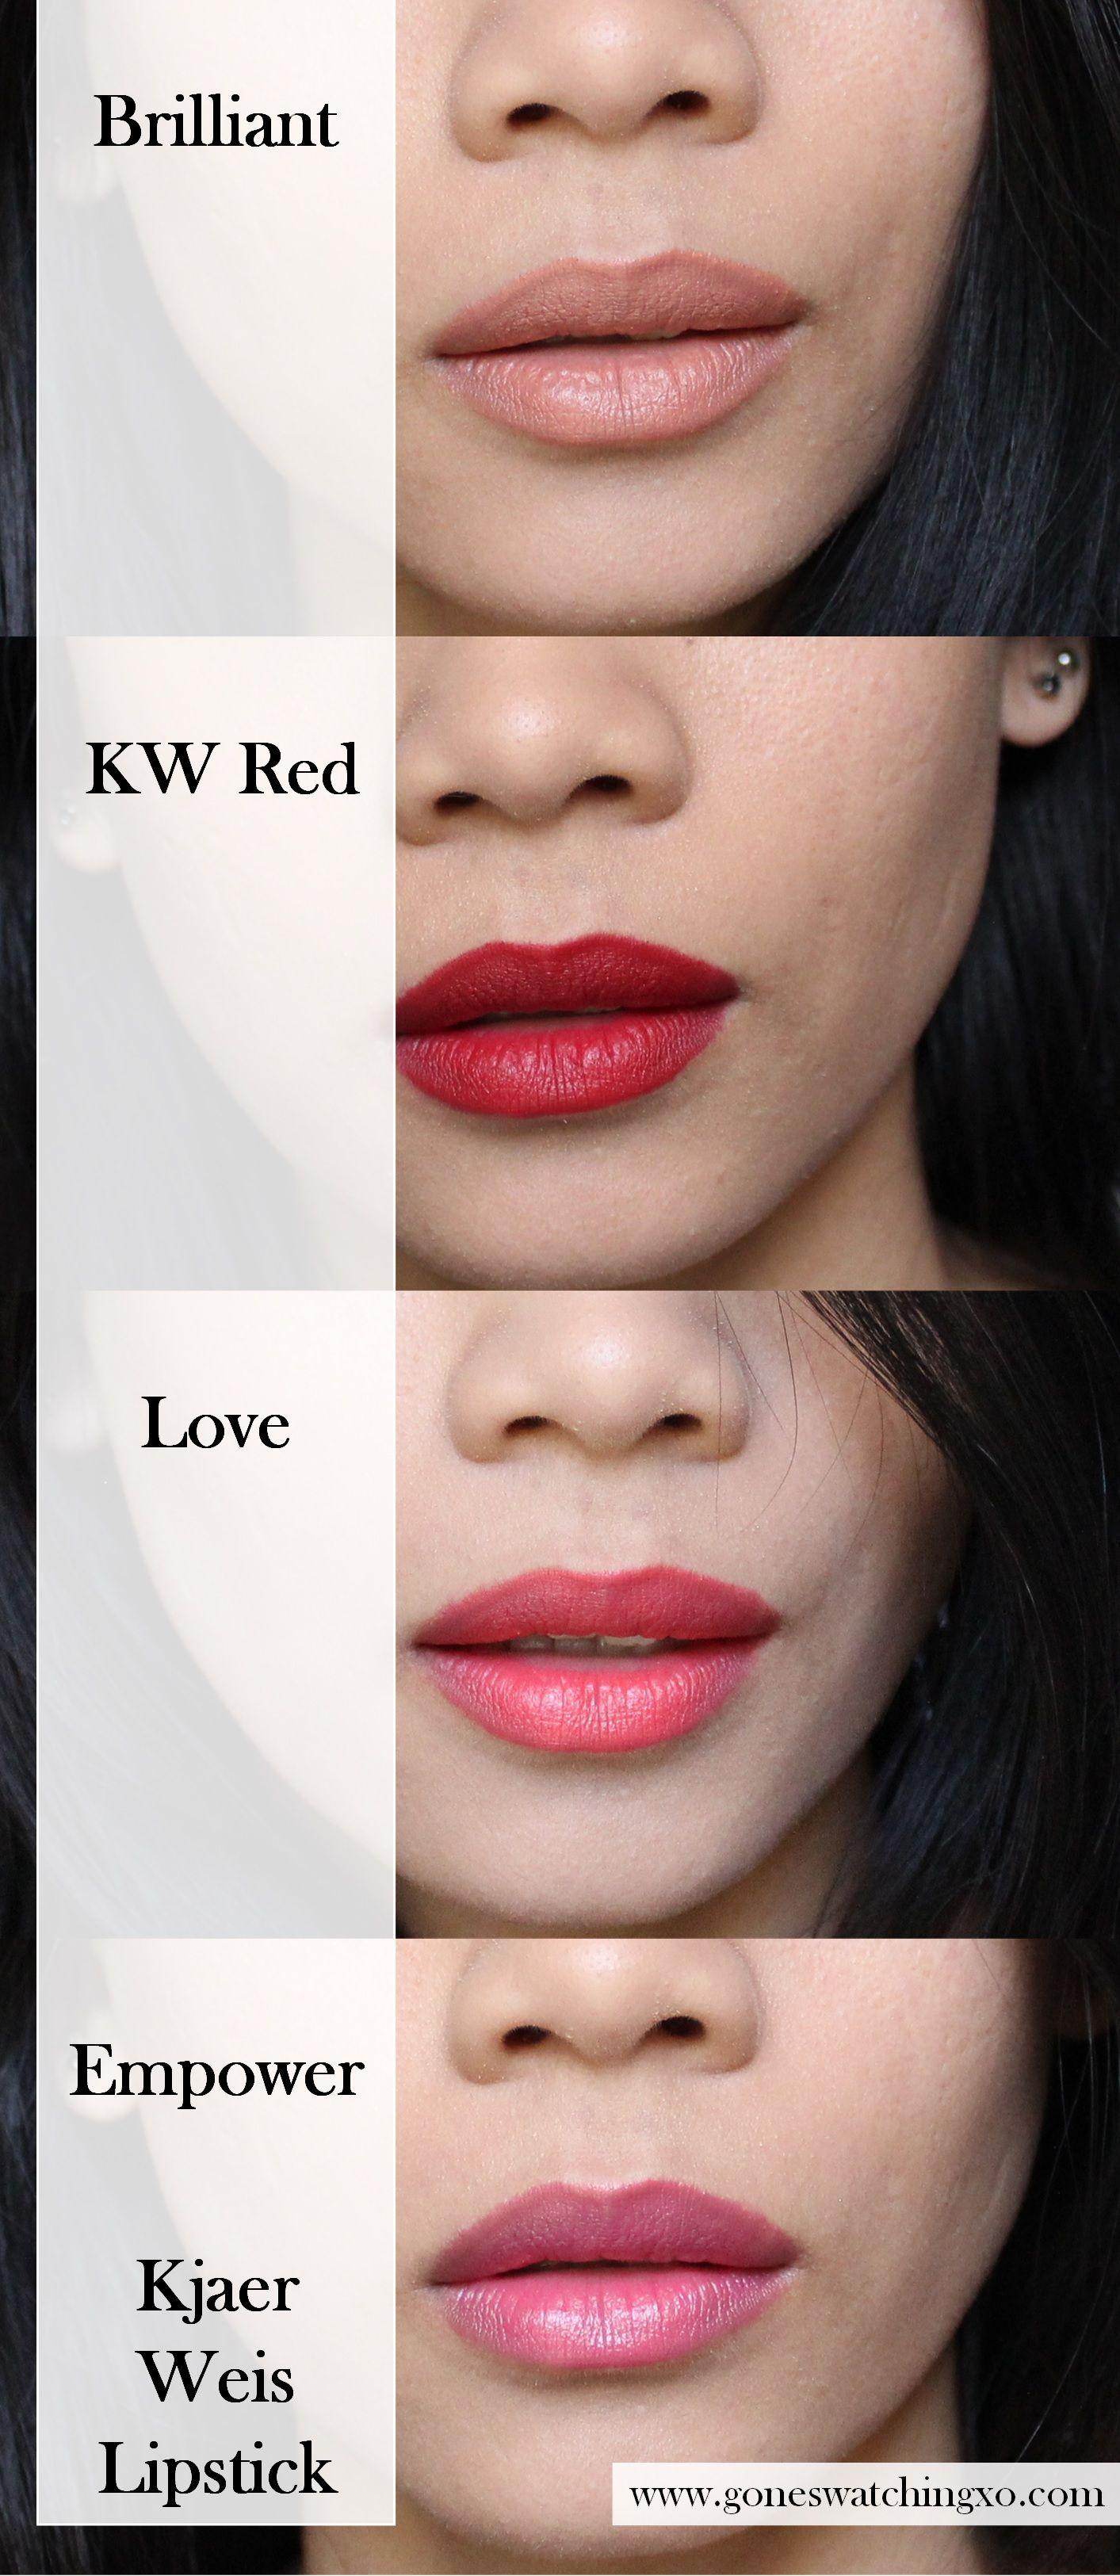 Kjaer Weis Lipstick swatches Lipstick swatches, Lipstick